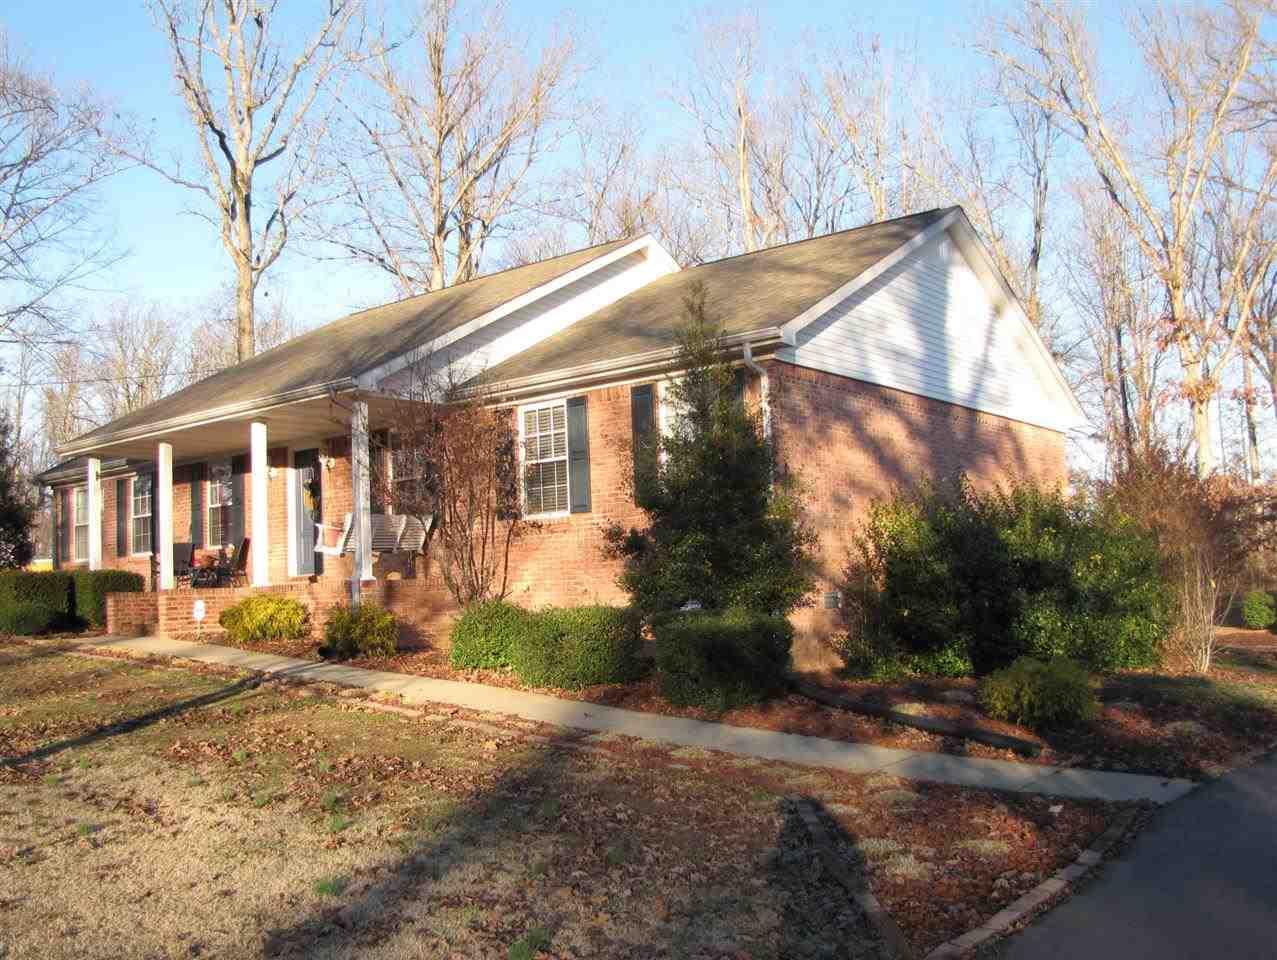 Real Estate for Sale, ListingId: 31157782, Hardin,KY42048